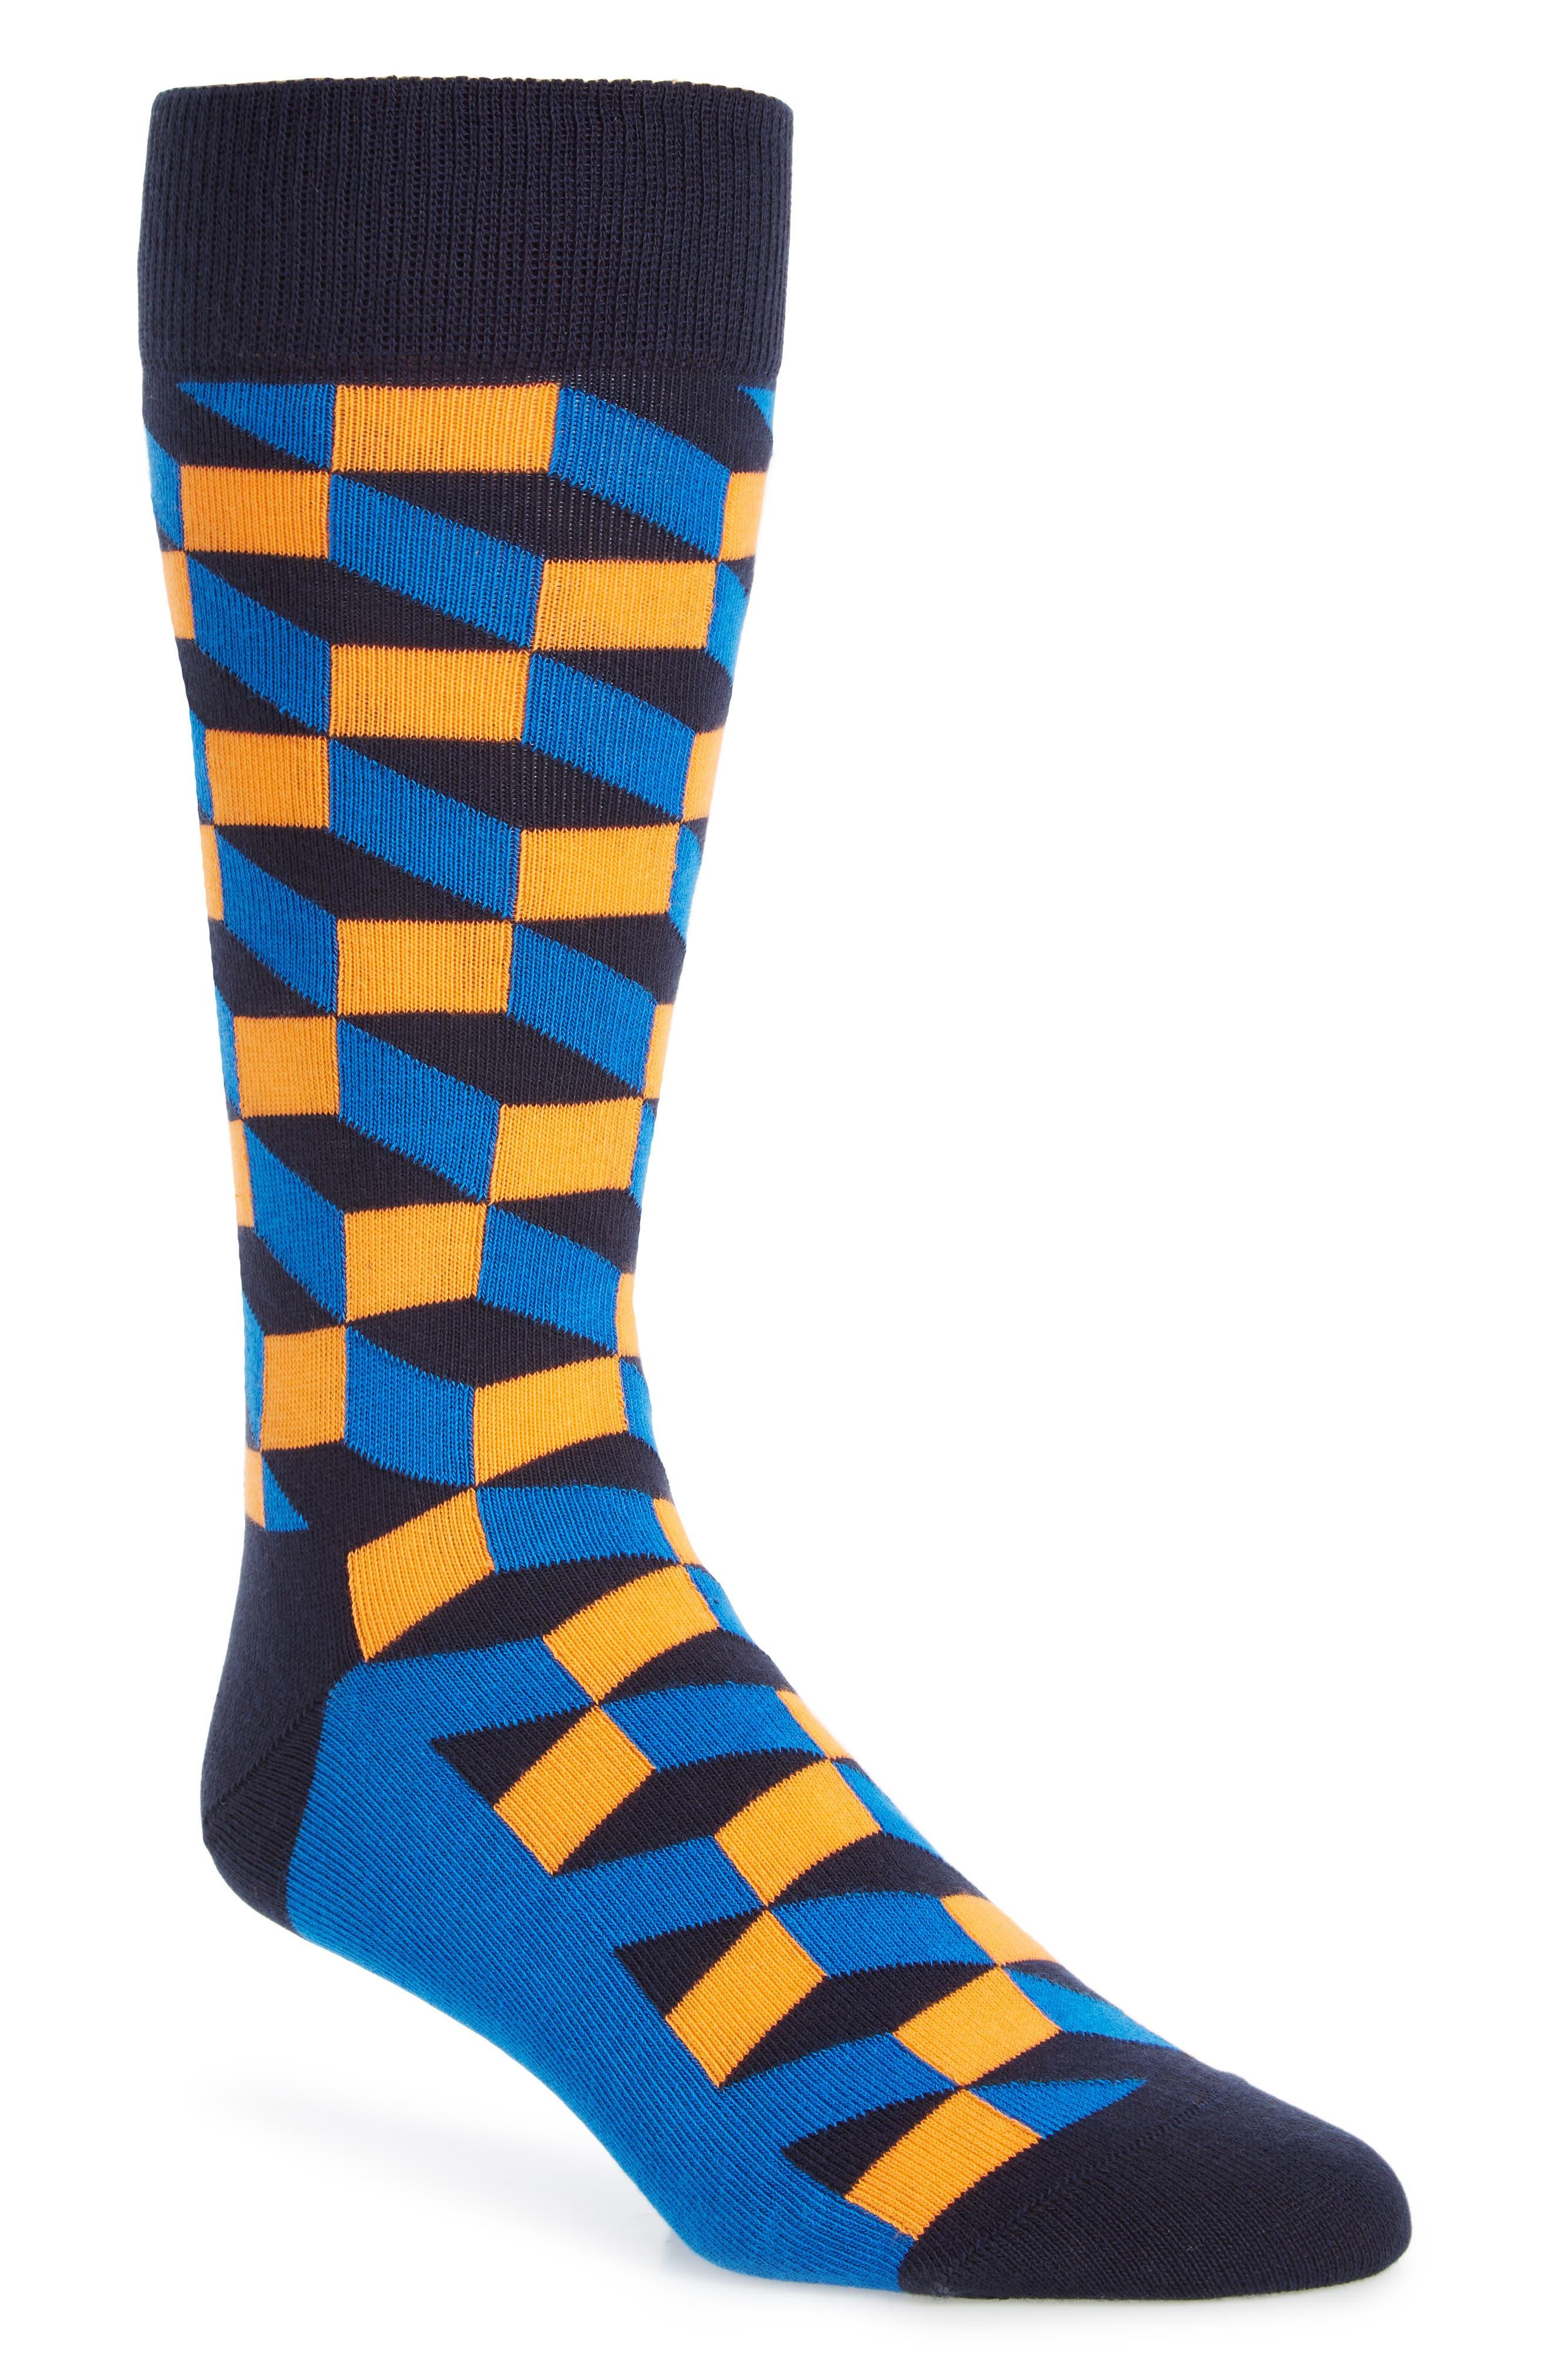 Optic Socks,                             Main thumbnail 1, color,                             Black Multi